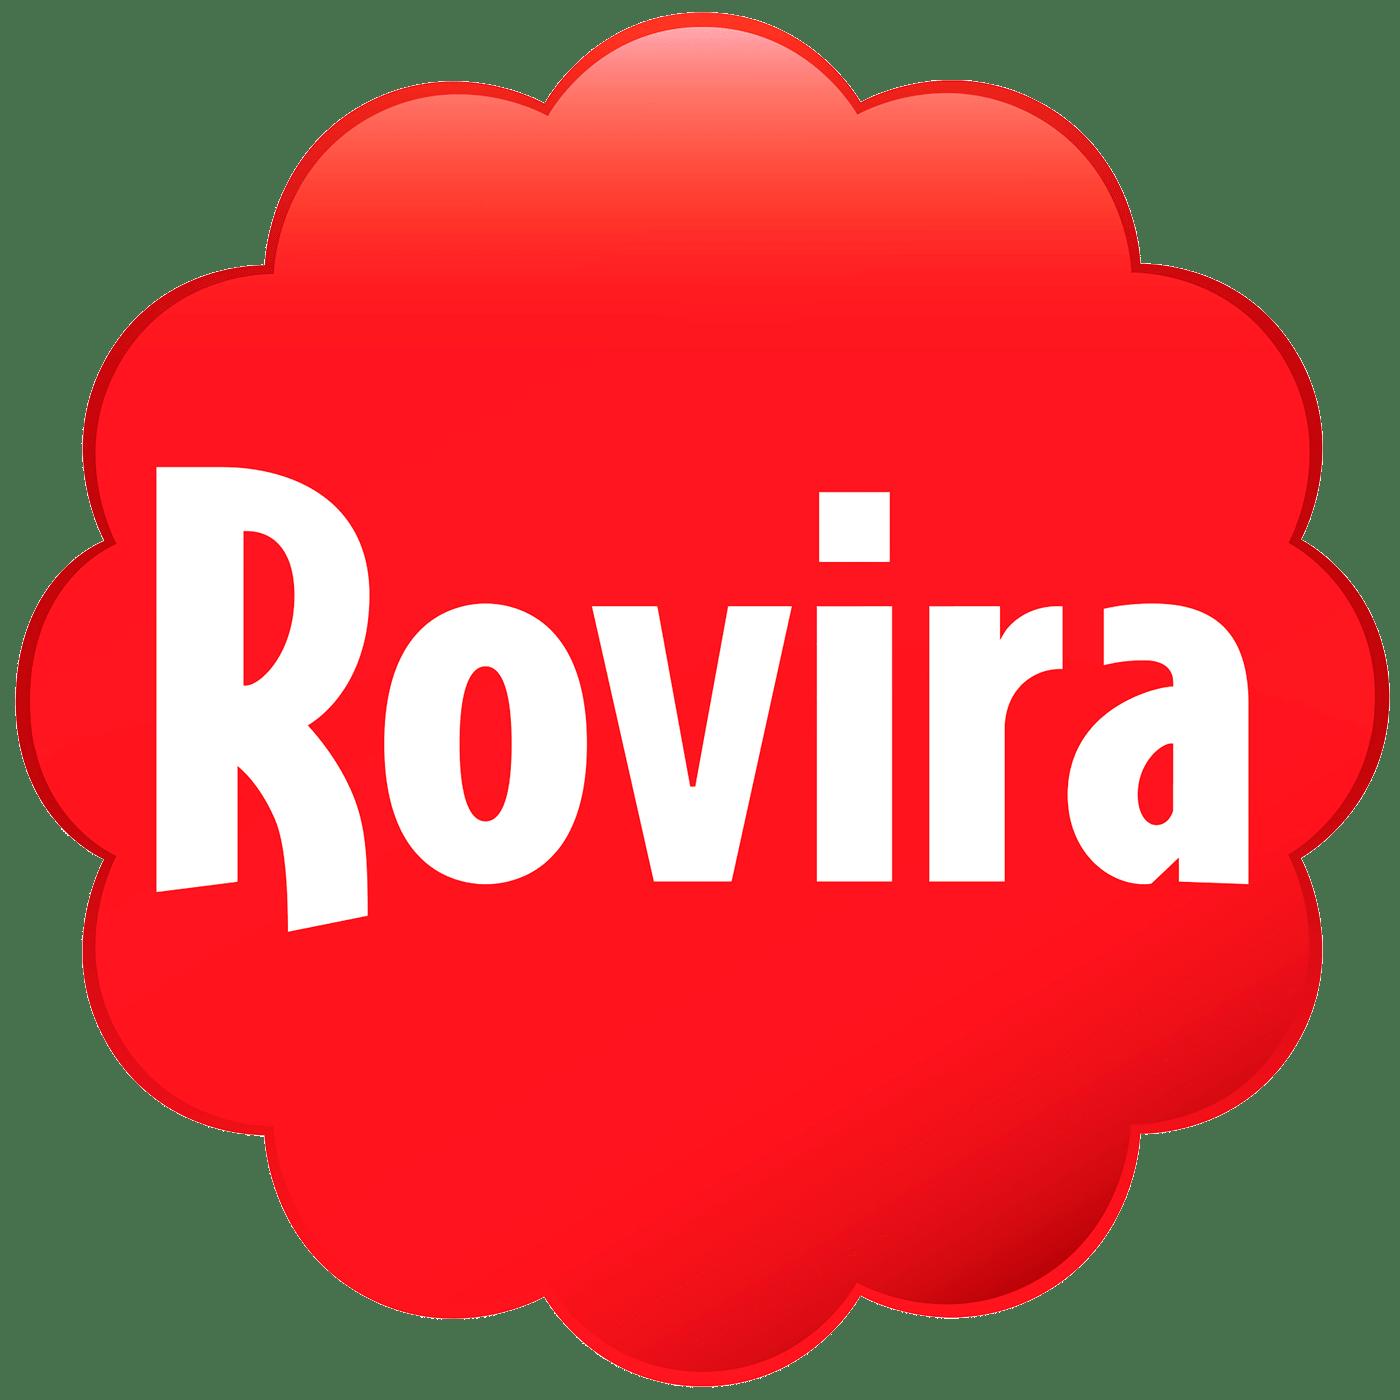 rovira-logo-trans